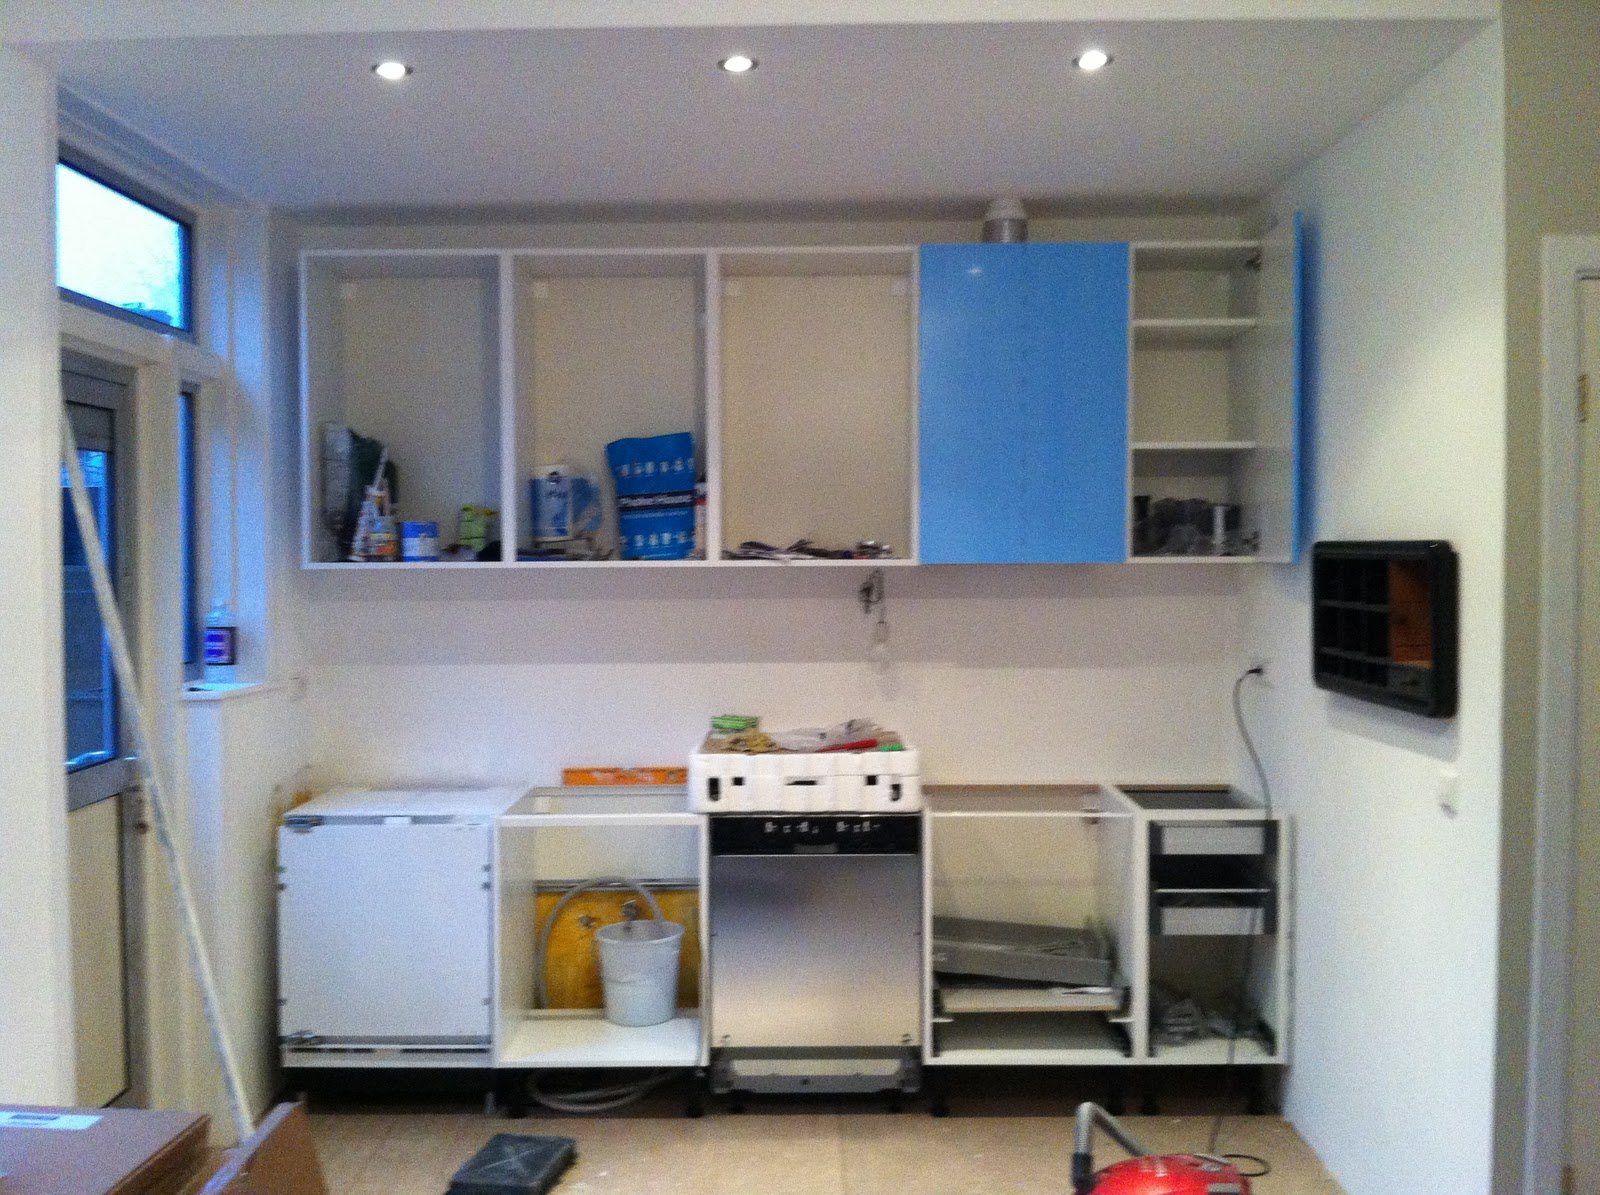 Keuken Lampjes: Keuken lampjes onder kastjes hoogglans witte poederlak ...